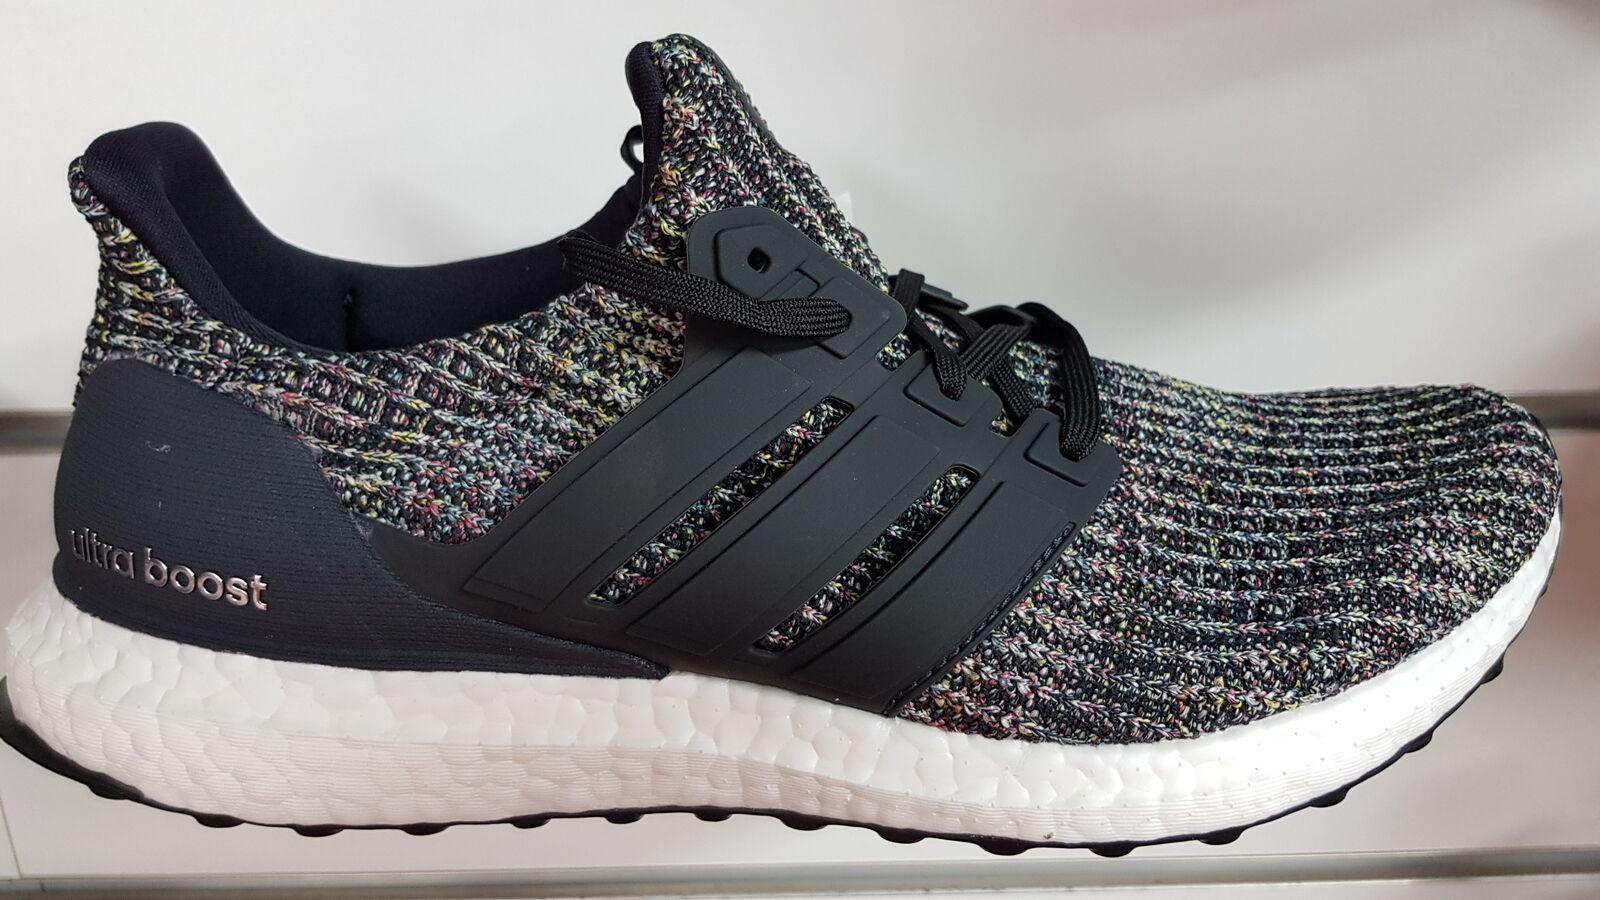 Neue adidas - schub 4.0 von ruß ash silber männer laufschuhe cm8110